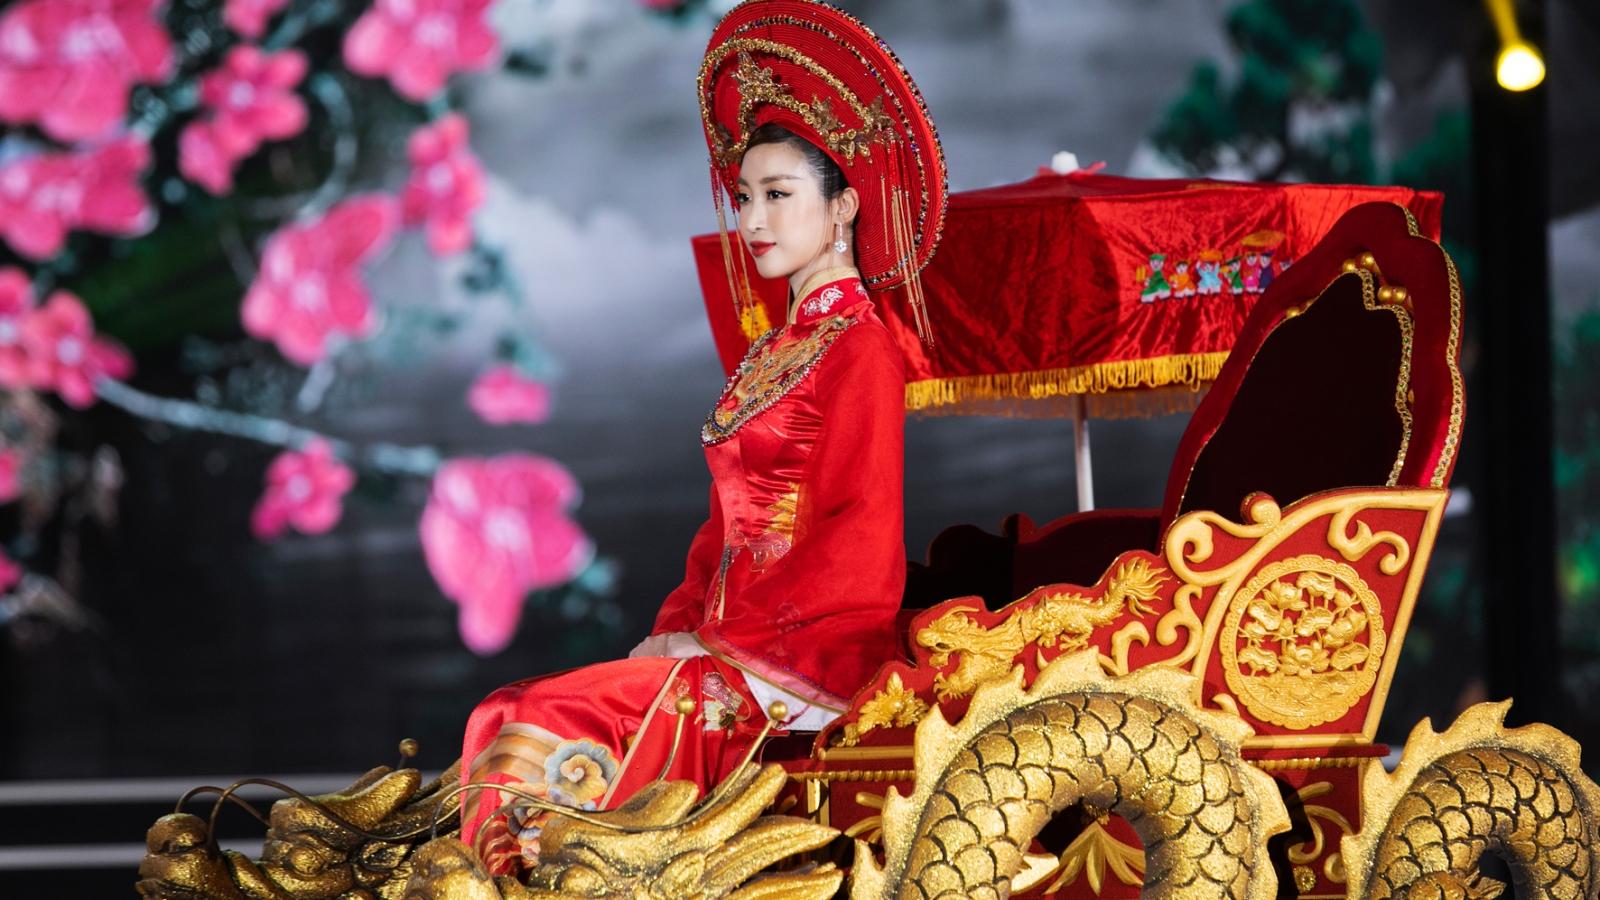 Hoa hậu Đỗ Mỹ Linh ăn chay 2 ngày trước khi ngồi kiệu hóa thân thành Thánh Mẫu